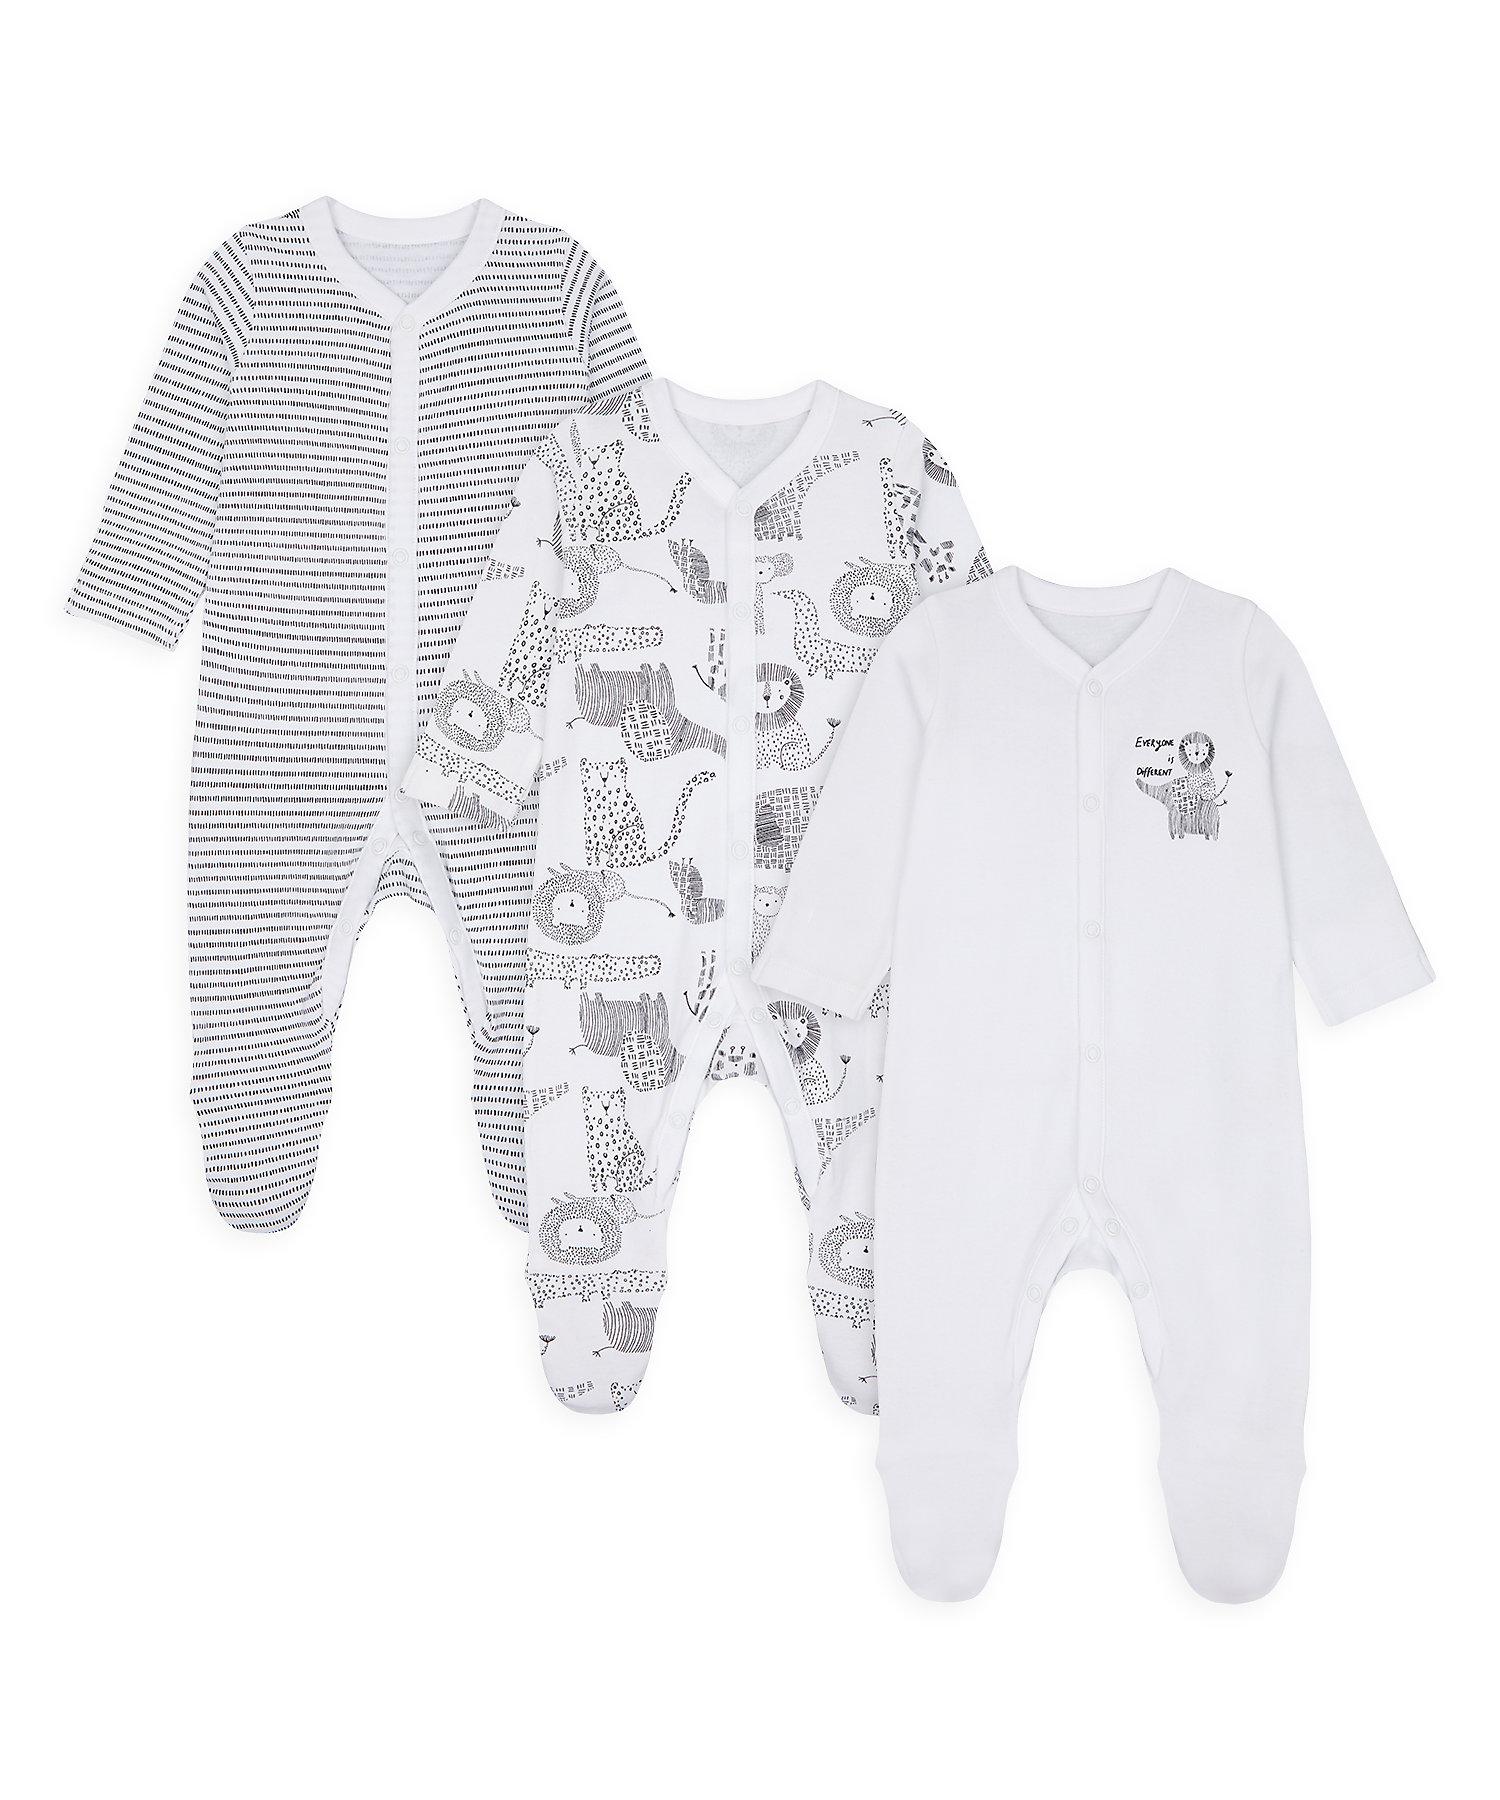 Mothercare   Unisex Full Sleeves Sleepsuit Animal Print - Pack Of 3 - White